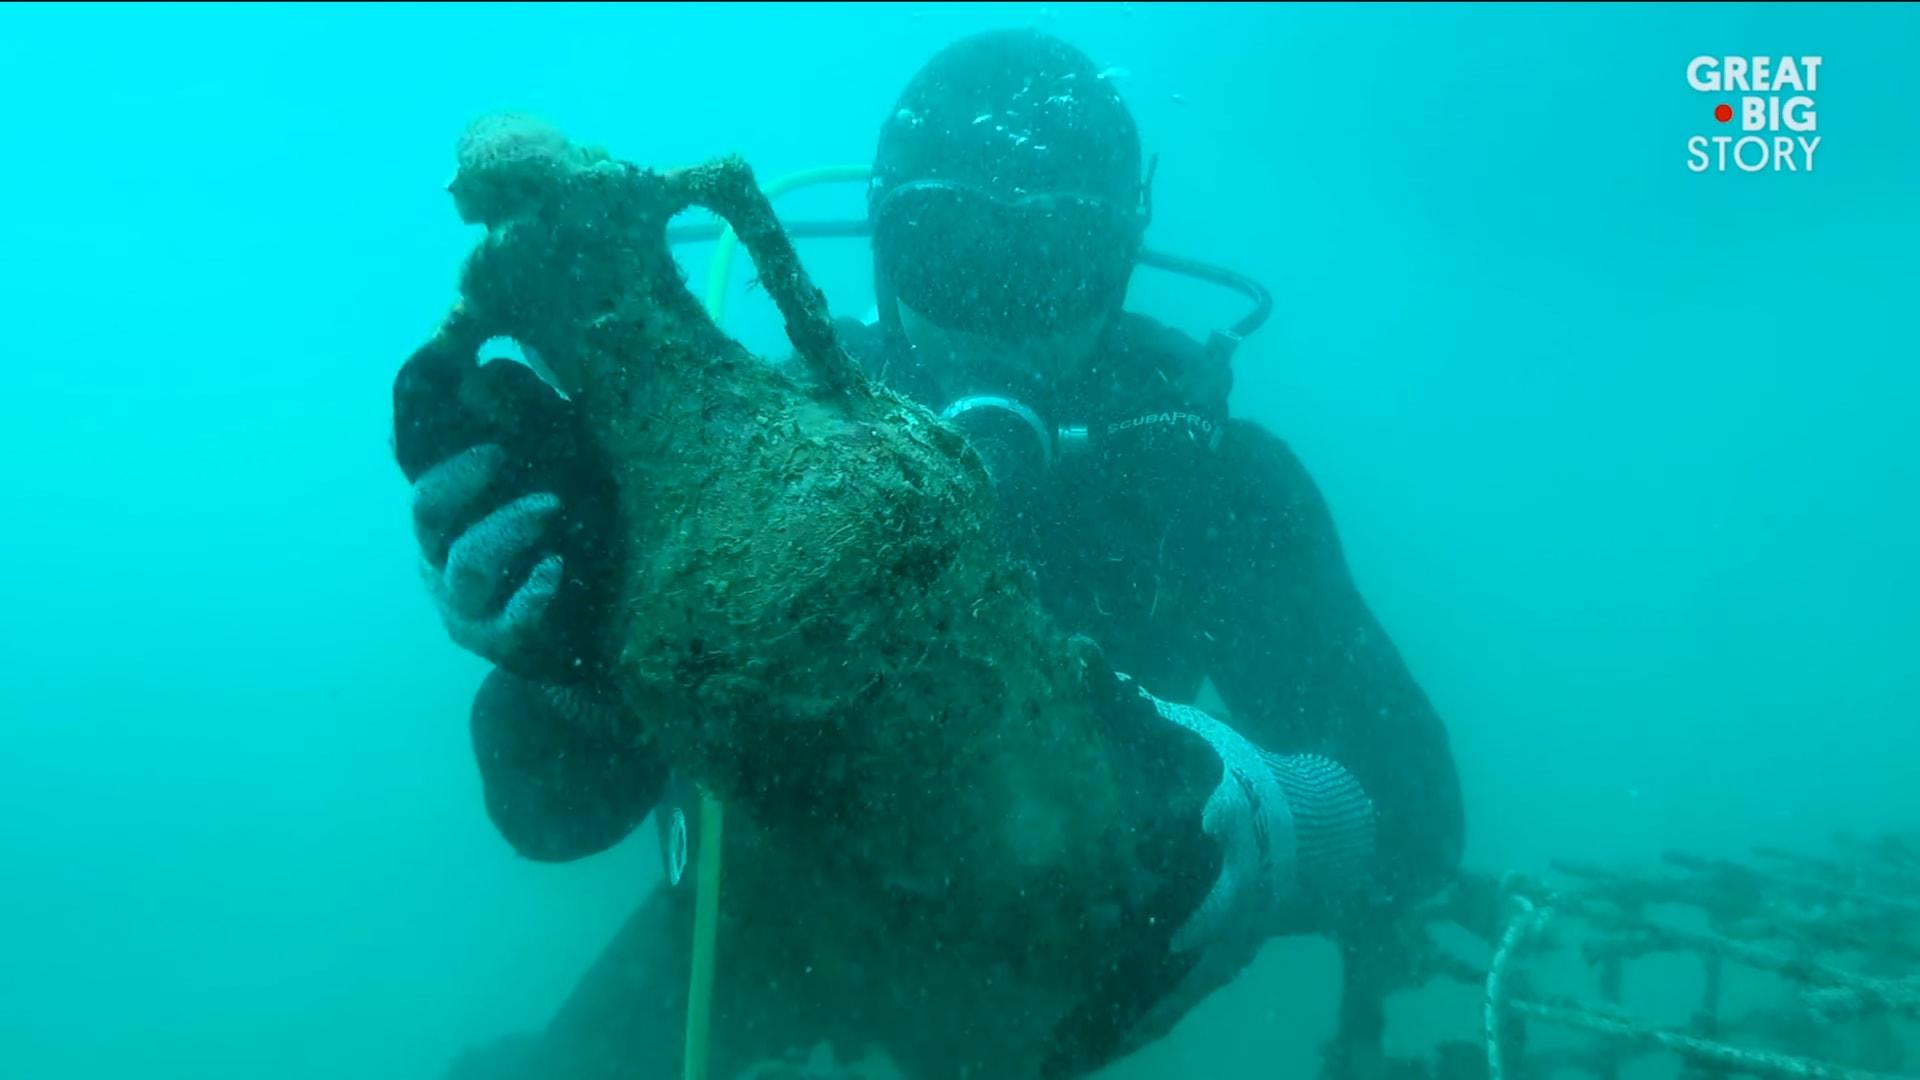 """تعتيق النبيذ بـ""""صمت"""" على عمق 75 قدماً في البحر..ما النتيجة؟"""